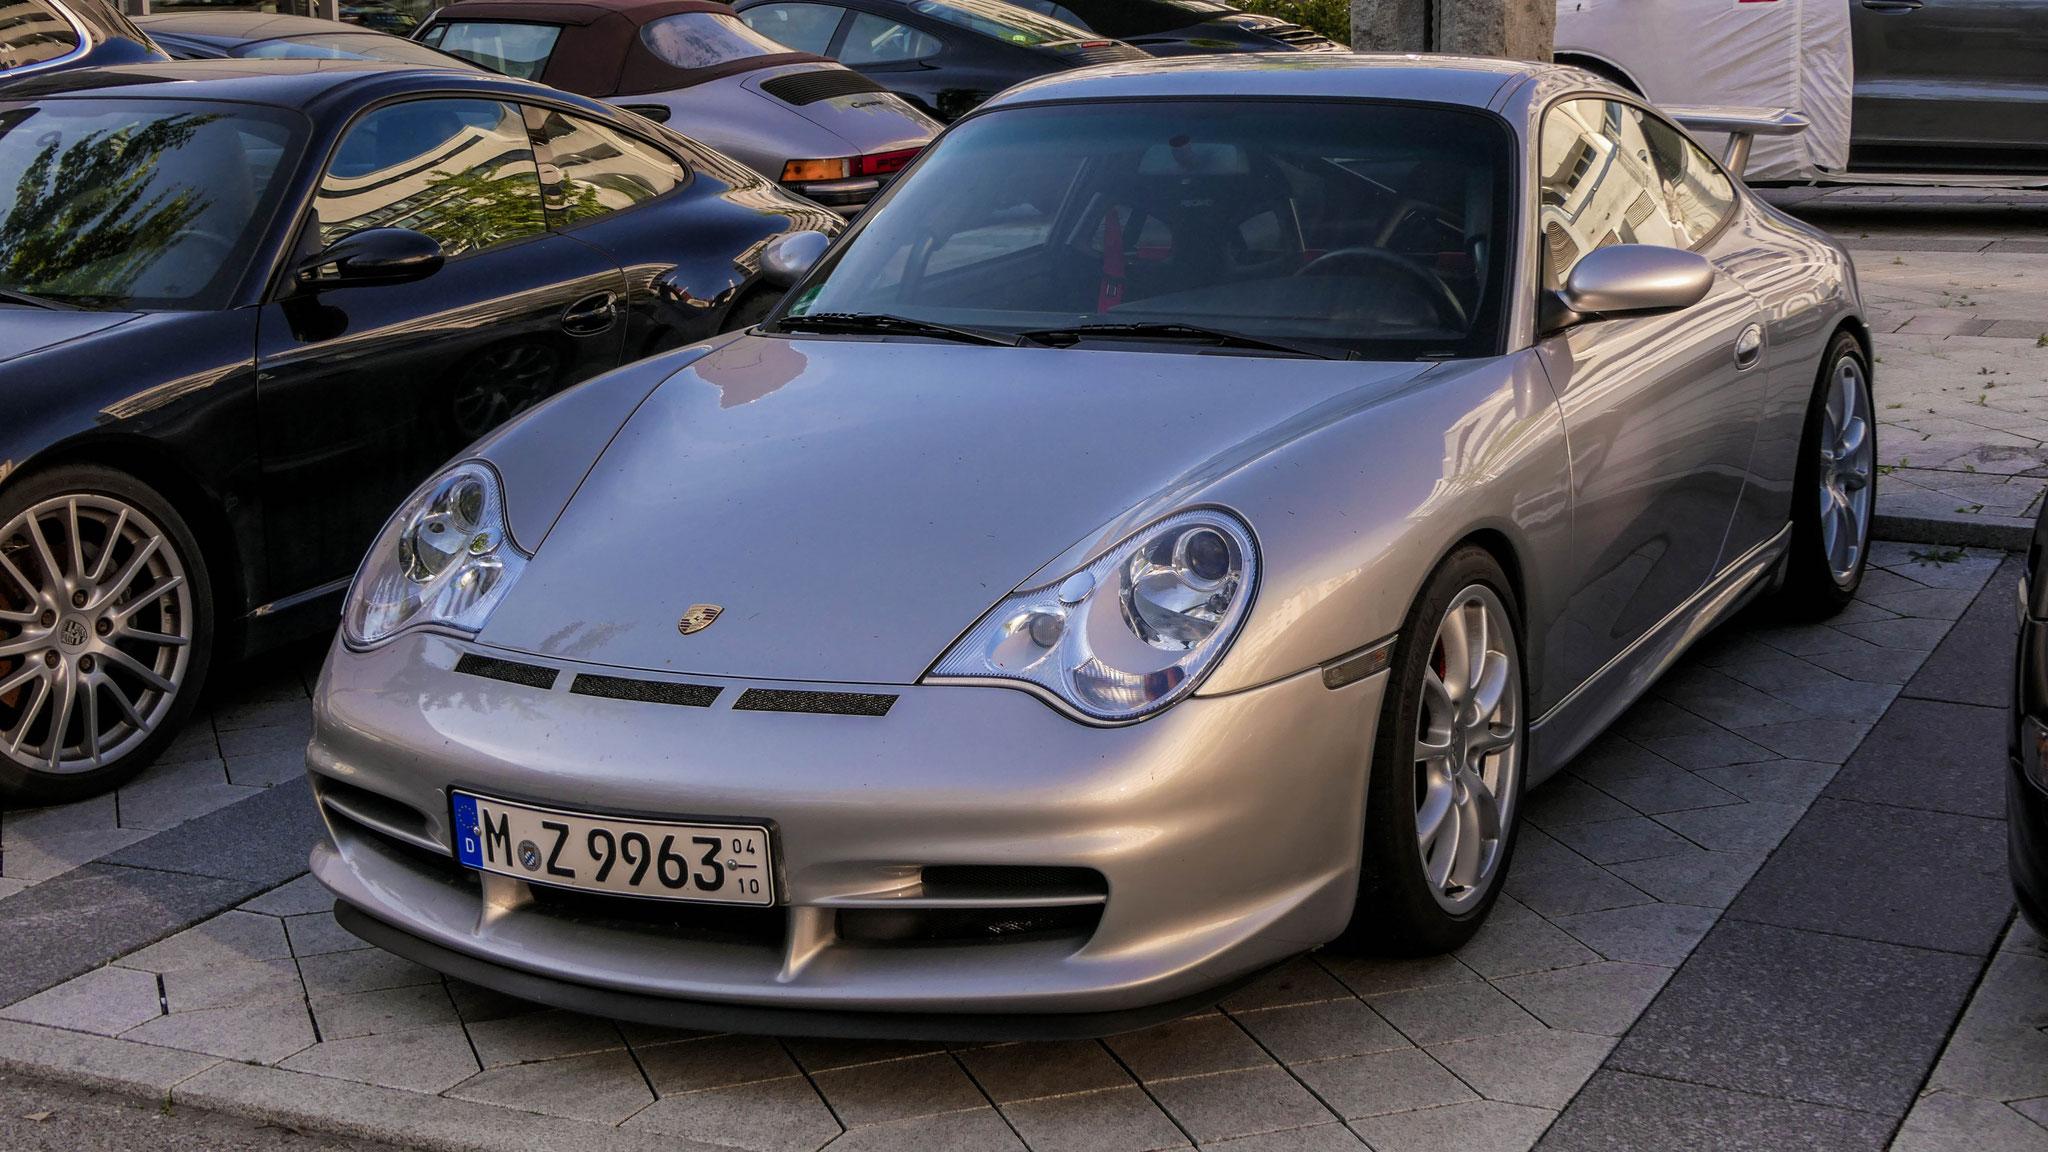 Porsche 911 996 GT3 RS - M-Z-9963